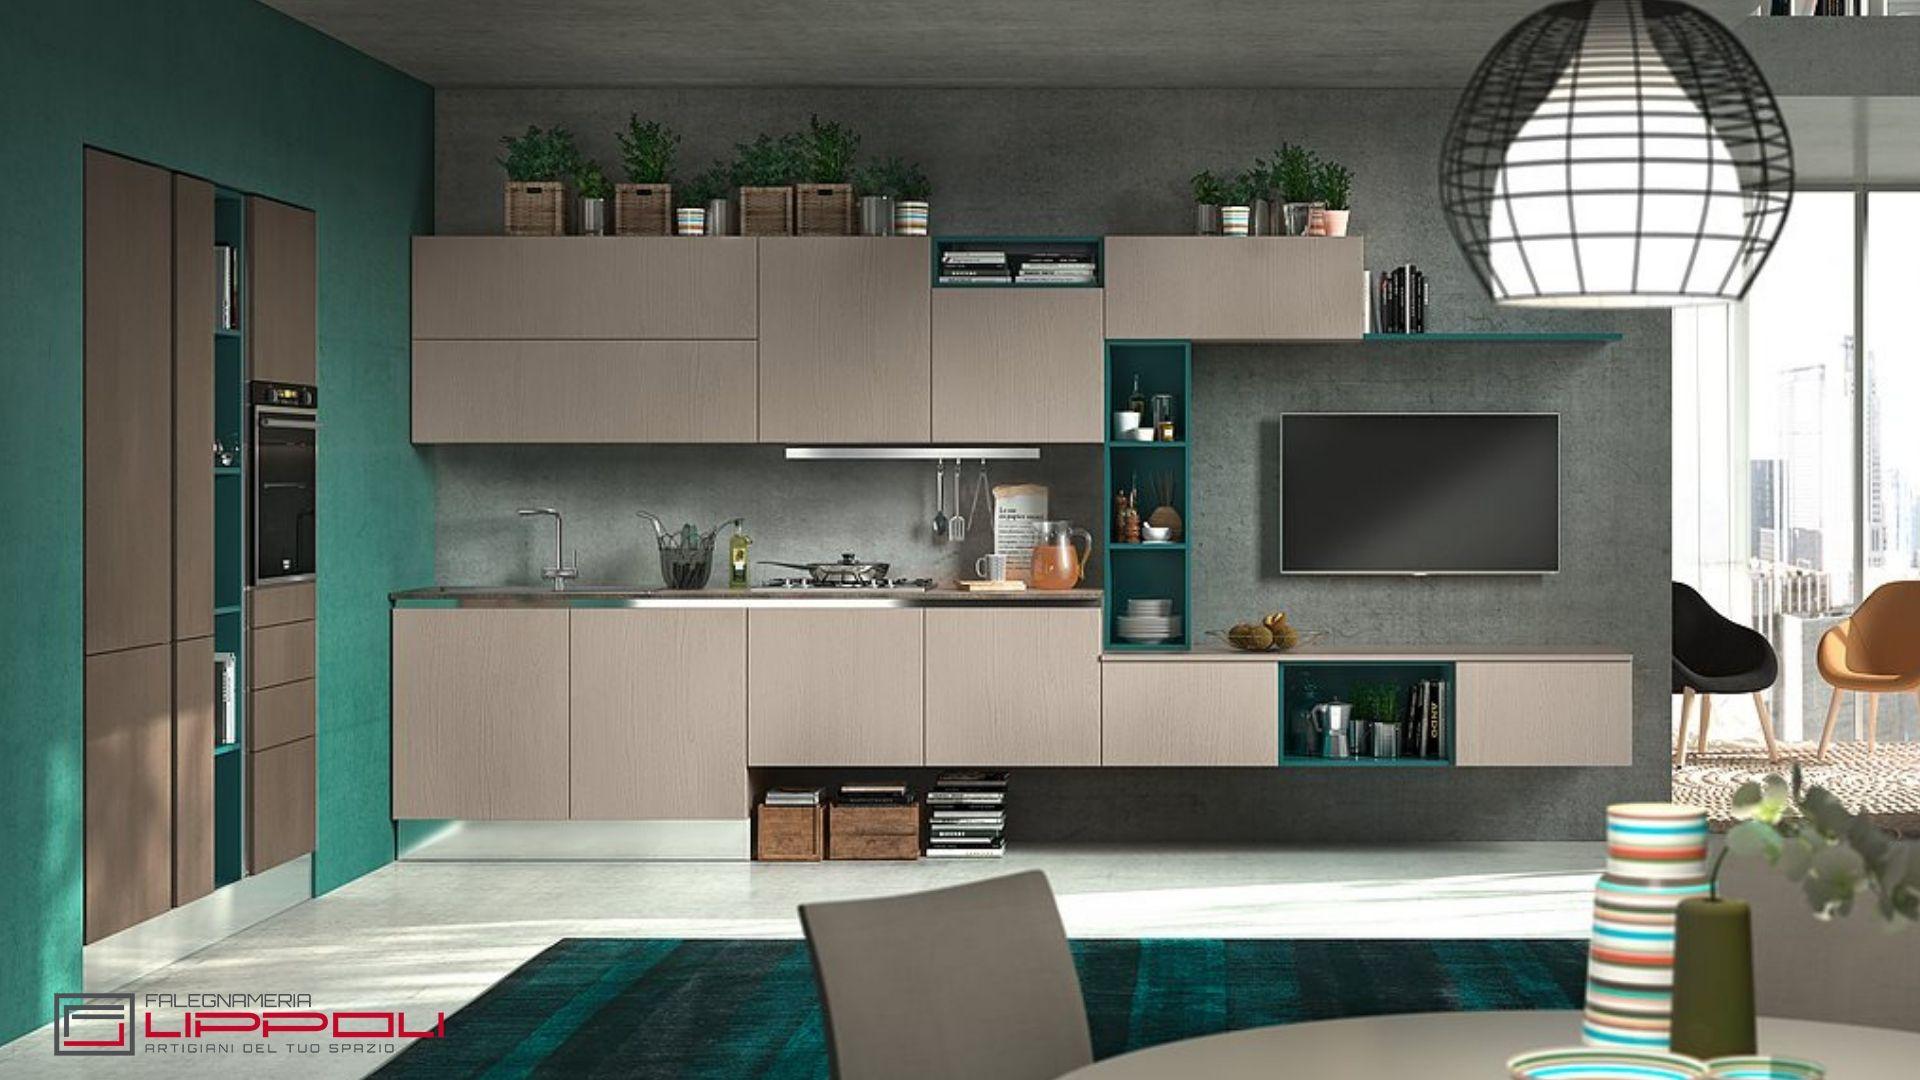 Idea arredamento cucina. | Lippoli Arredamenti | Home Decor, Decor e ...